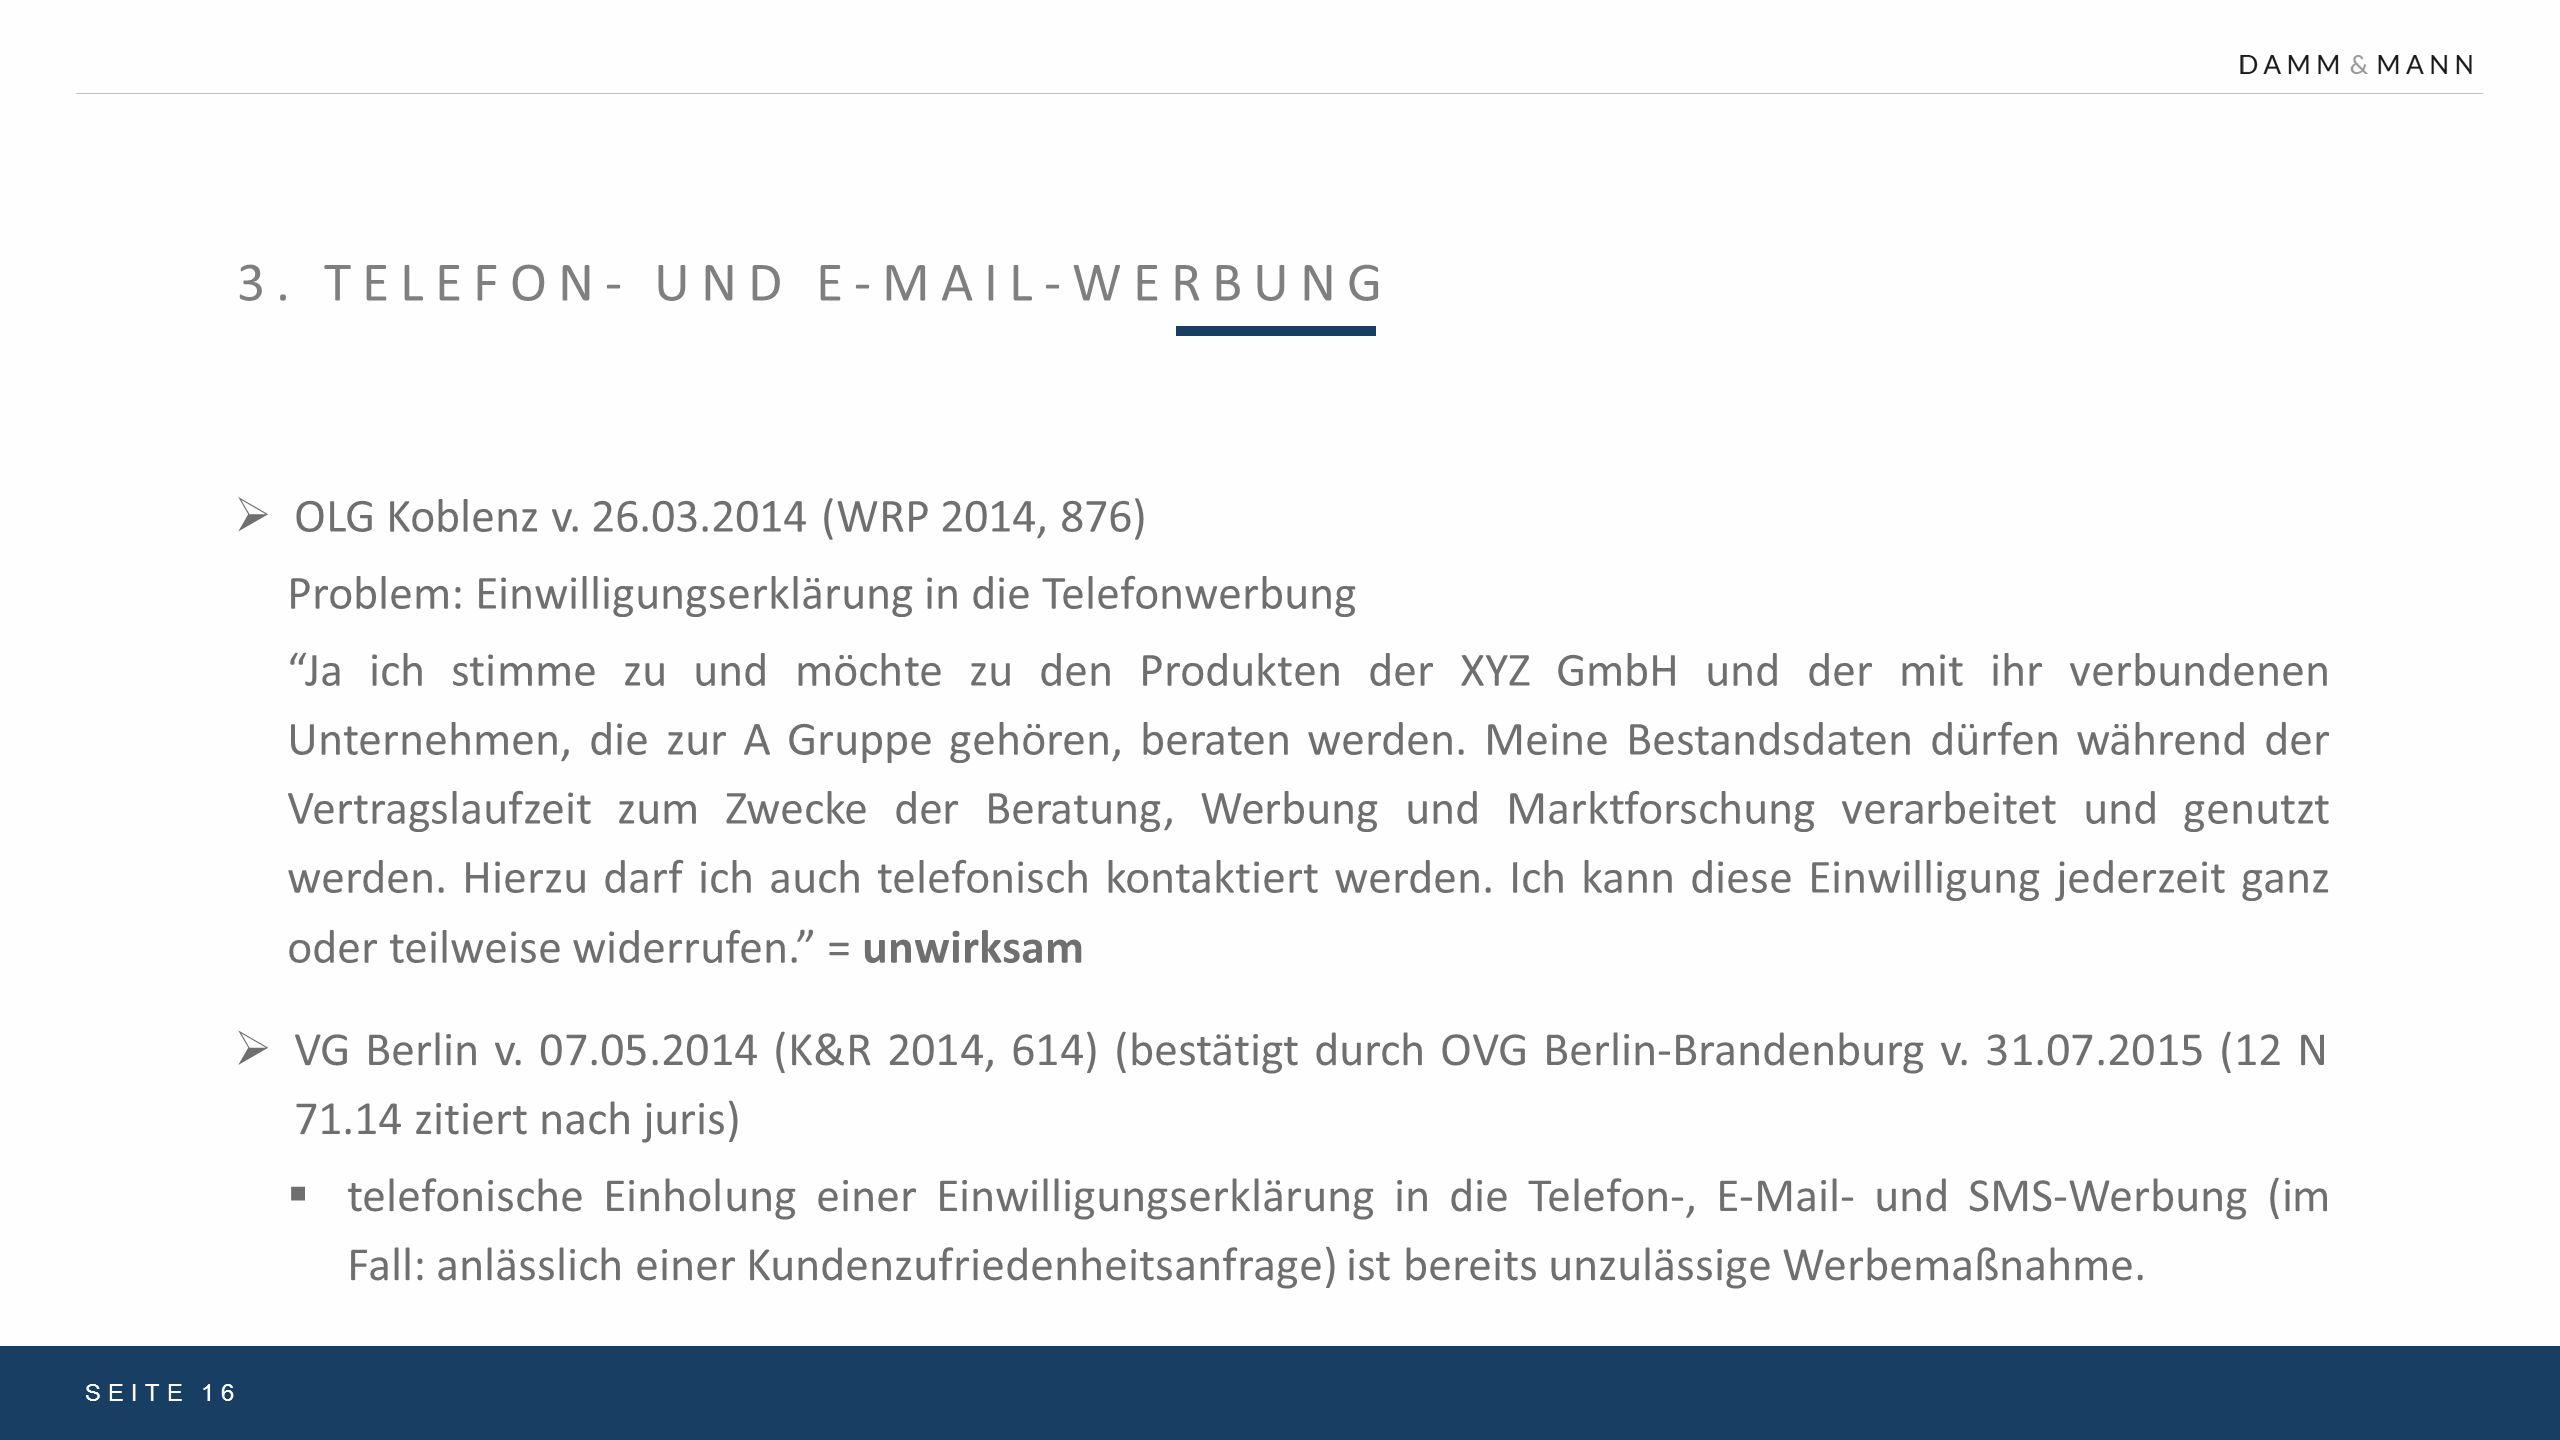 """3. TELEFON- UND E-MAIL-WERBUNG SEITE 16  OLG Koblenz v. 26.03.2014 (WRP 2014, 876) Problem: Einwilligungserklärung in die Telefonwerbung """"Ja ich stim"""